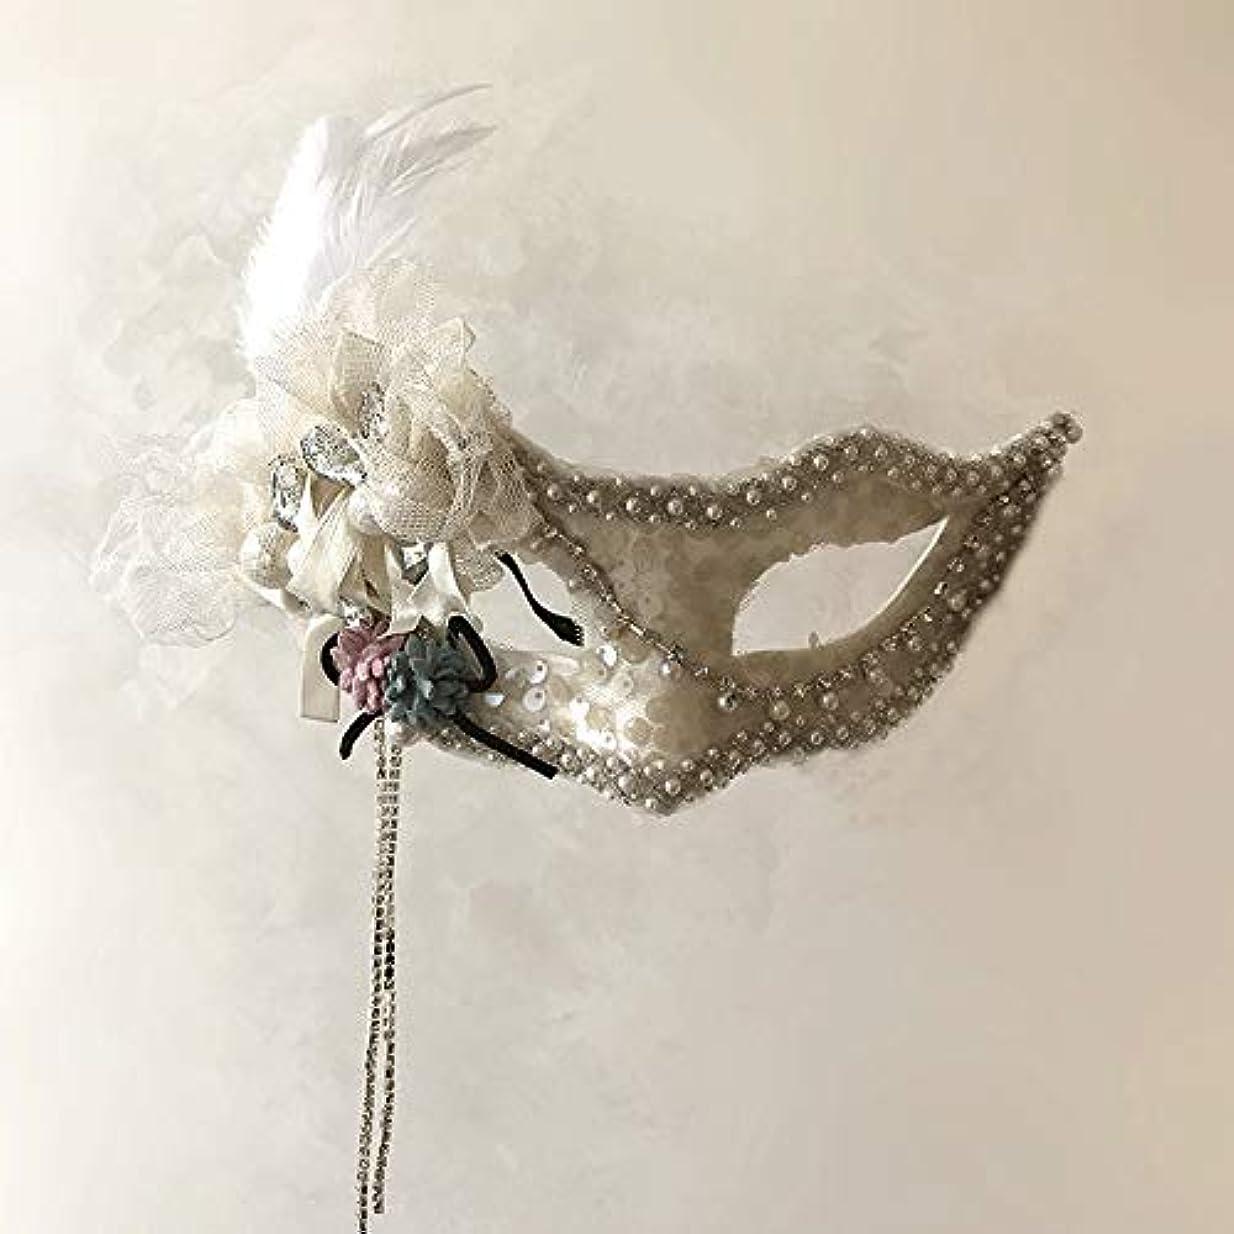 批判中級ロバNanle ホワイトフェザーフラワーマスク仮装ボールアイマスクハロウィーンボールフリンジフェザーマスクパーティマスク女性レディセクシーマスク (色 : Style D)